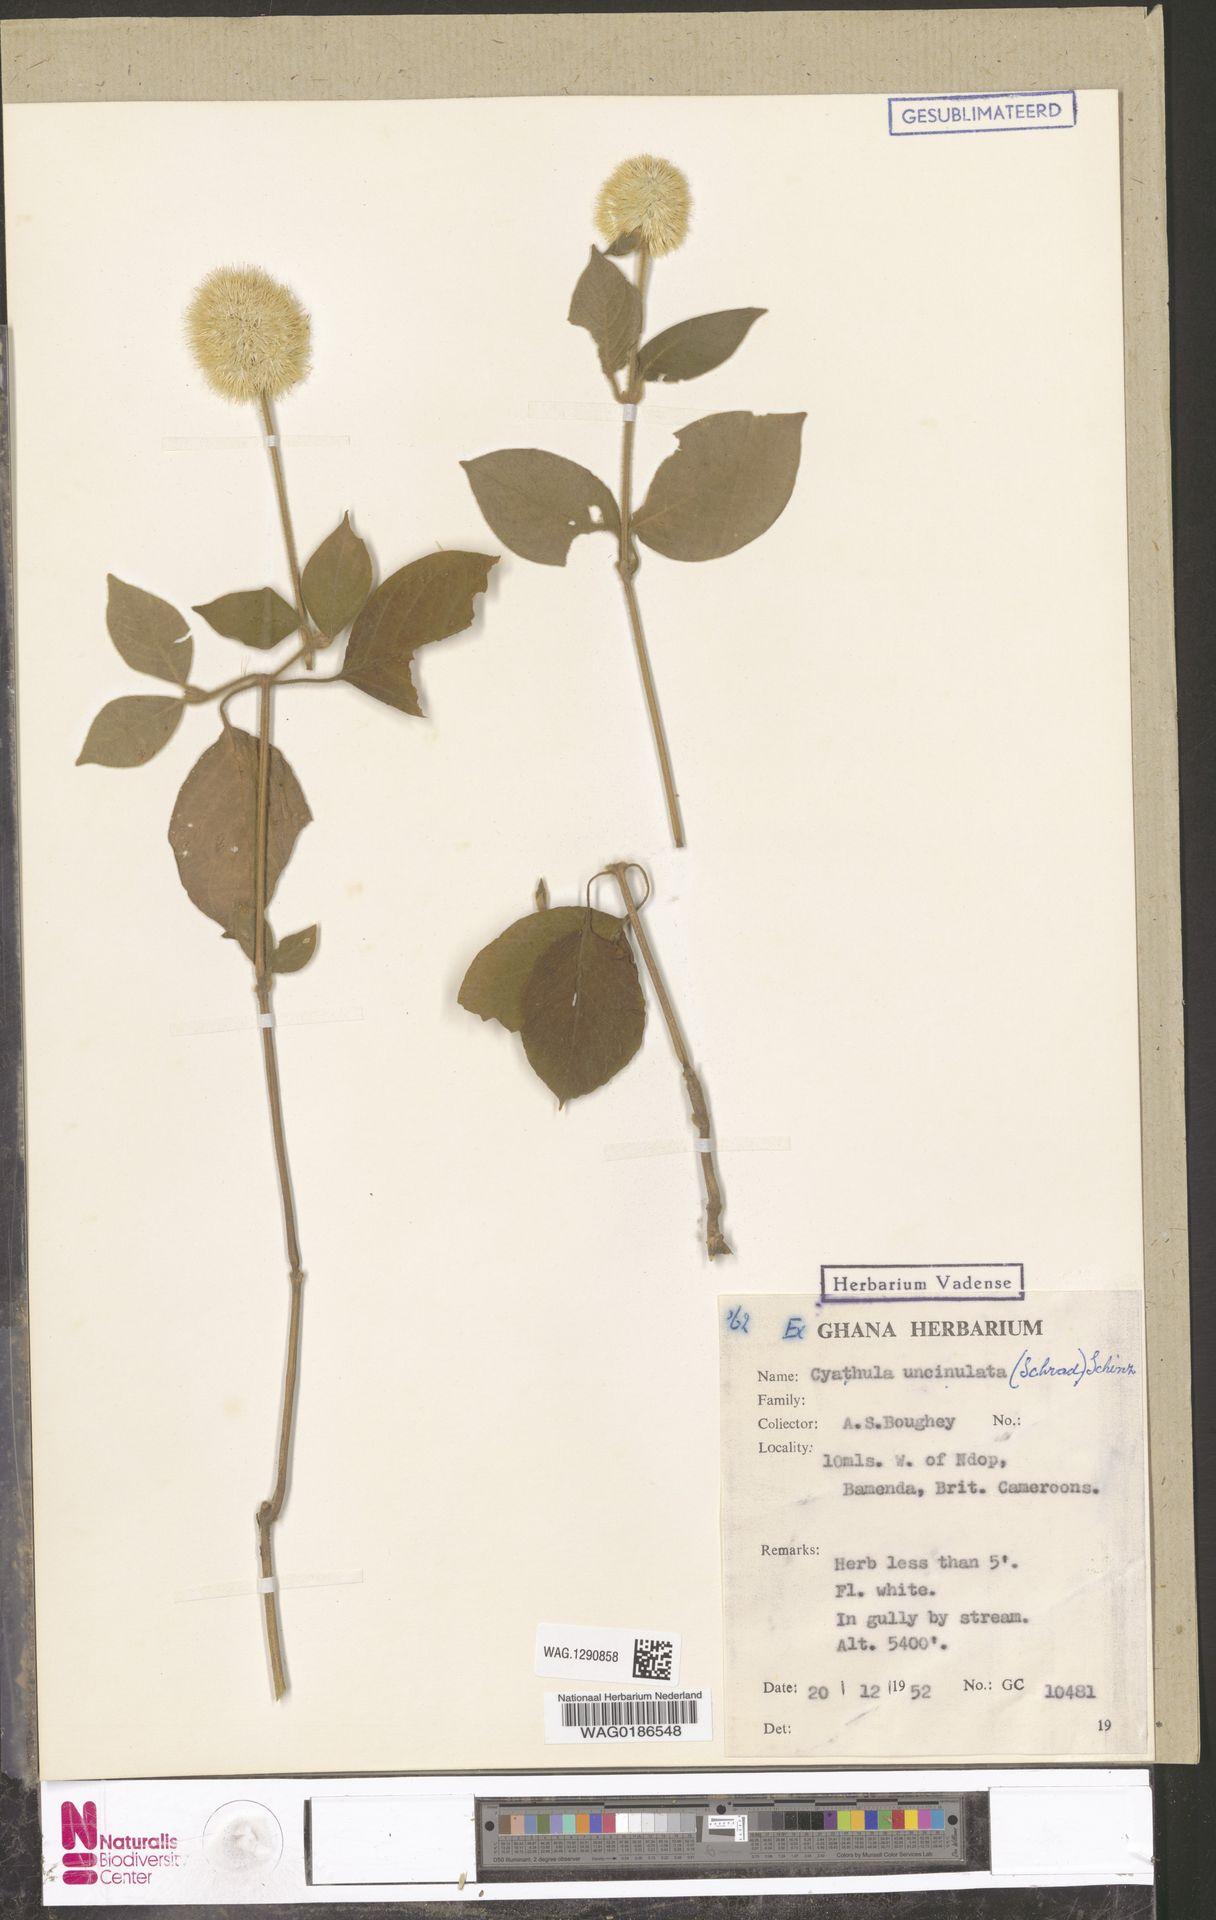 WAG.1290858 | Cyathula uncinulata (Schrad.) Schinz